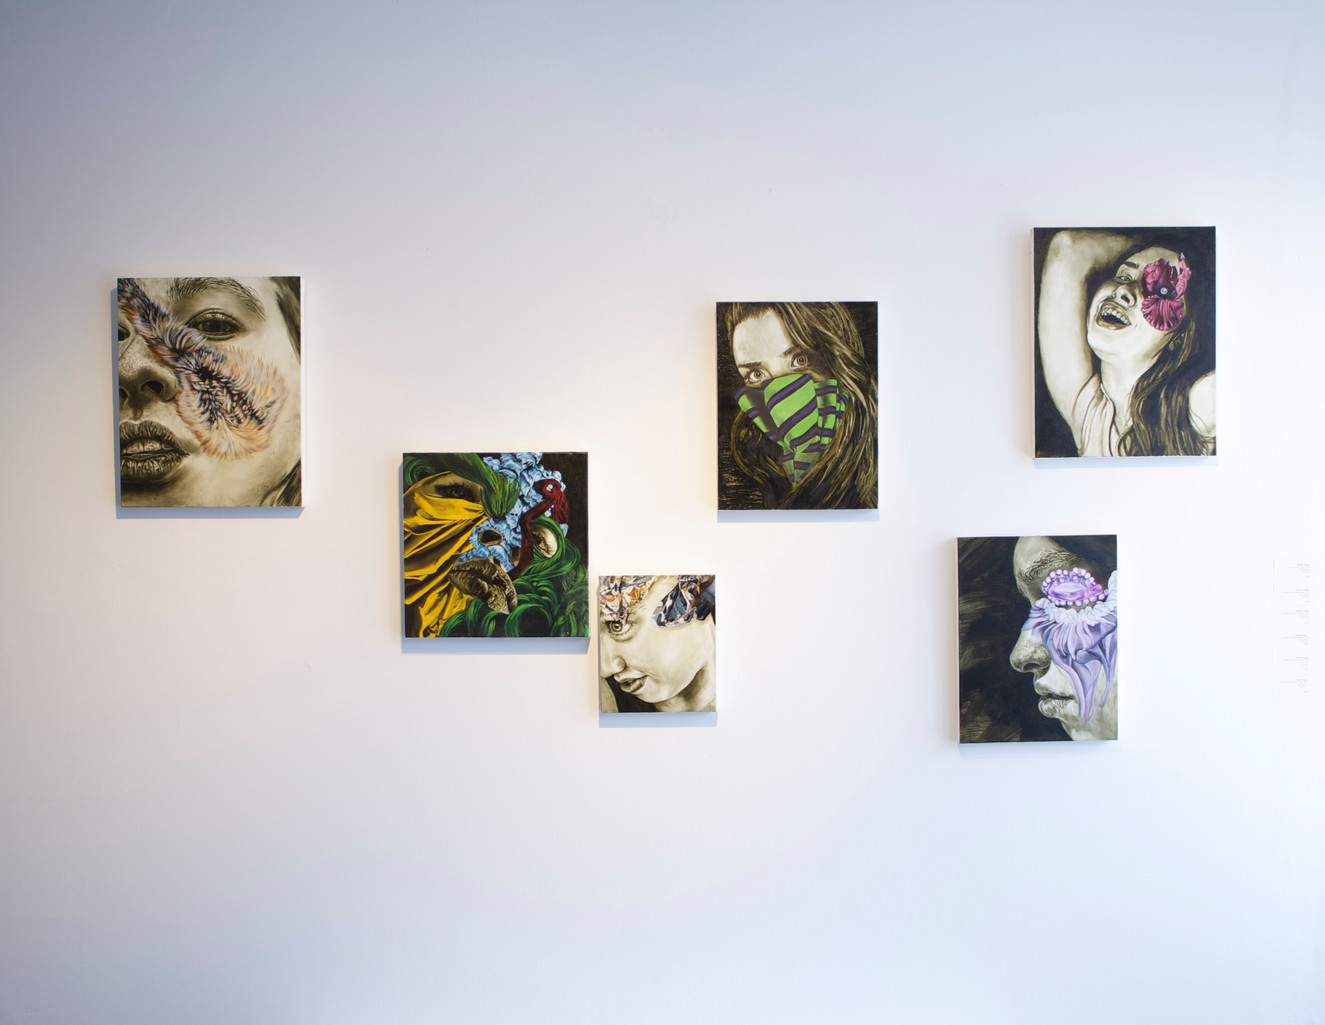 Vue d'installation | Installation View